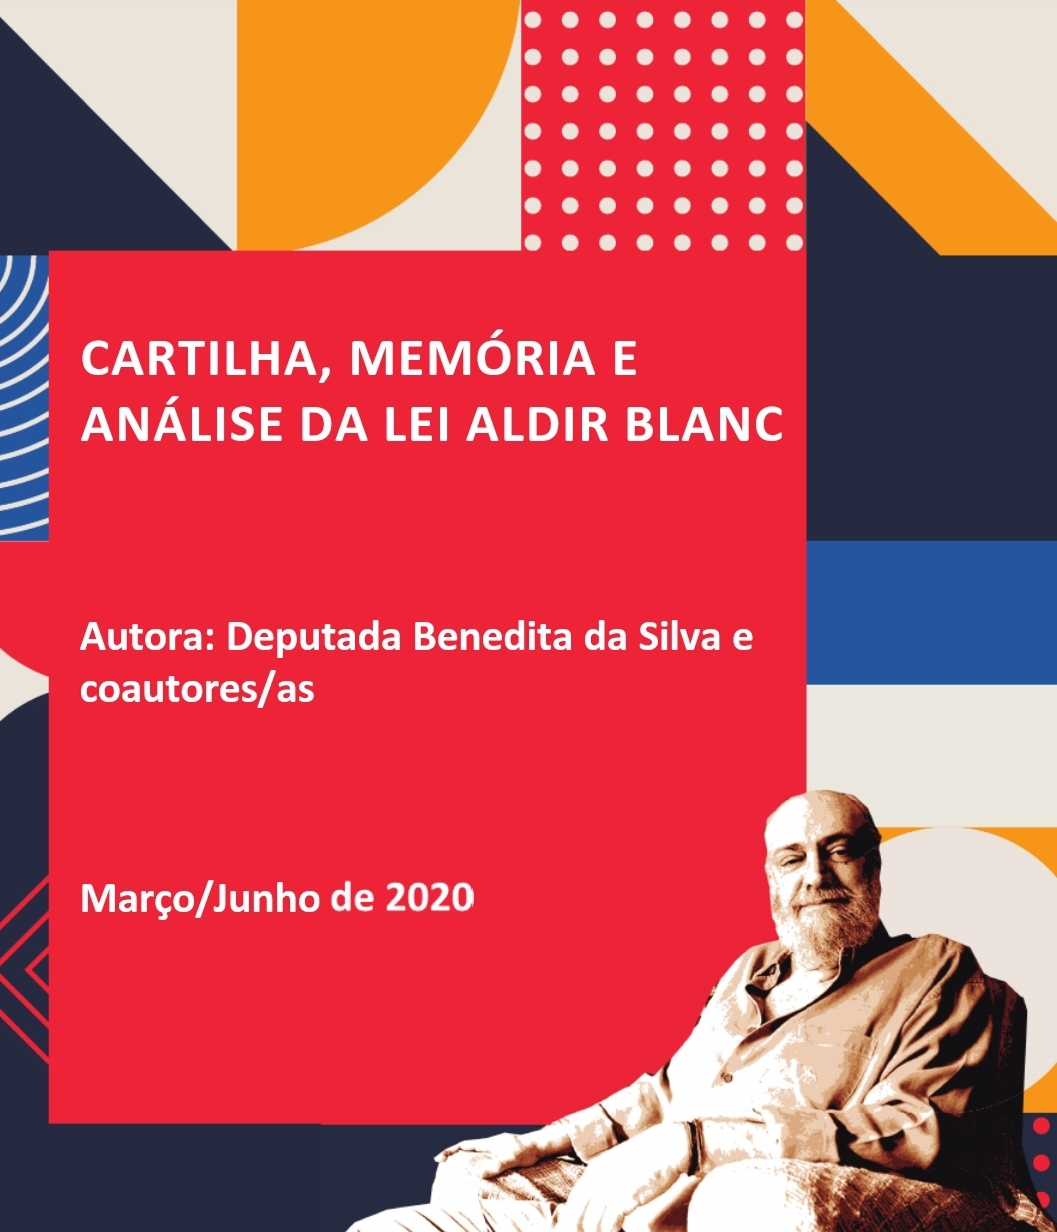 Cartilha, memória e análise da Lei Aldir Blanc